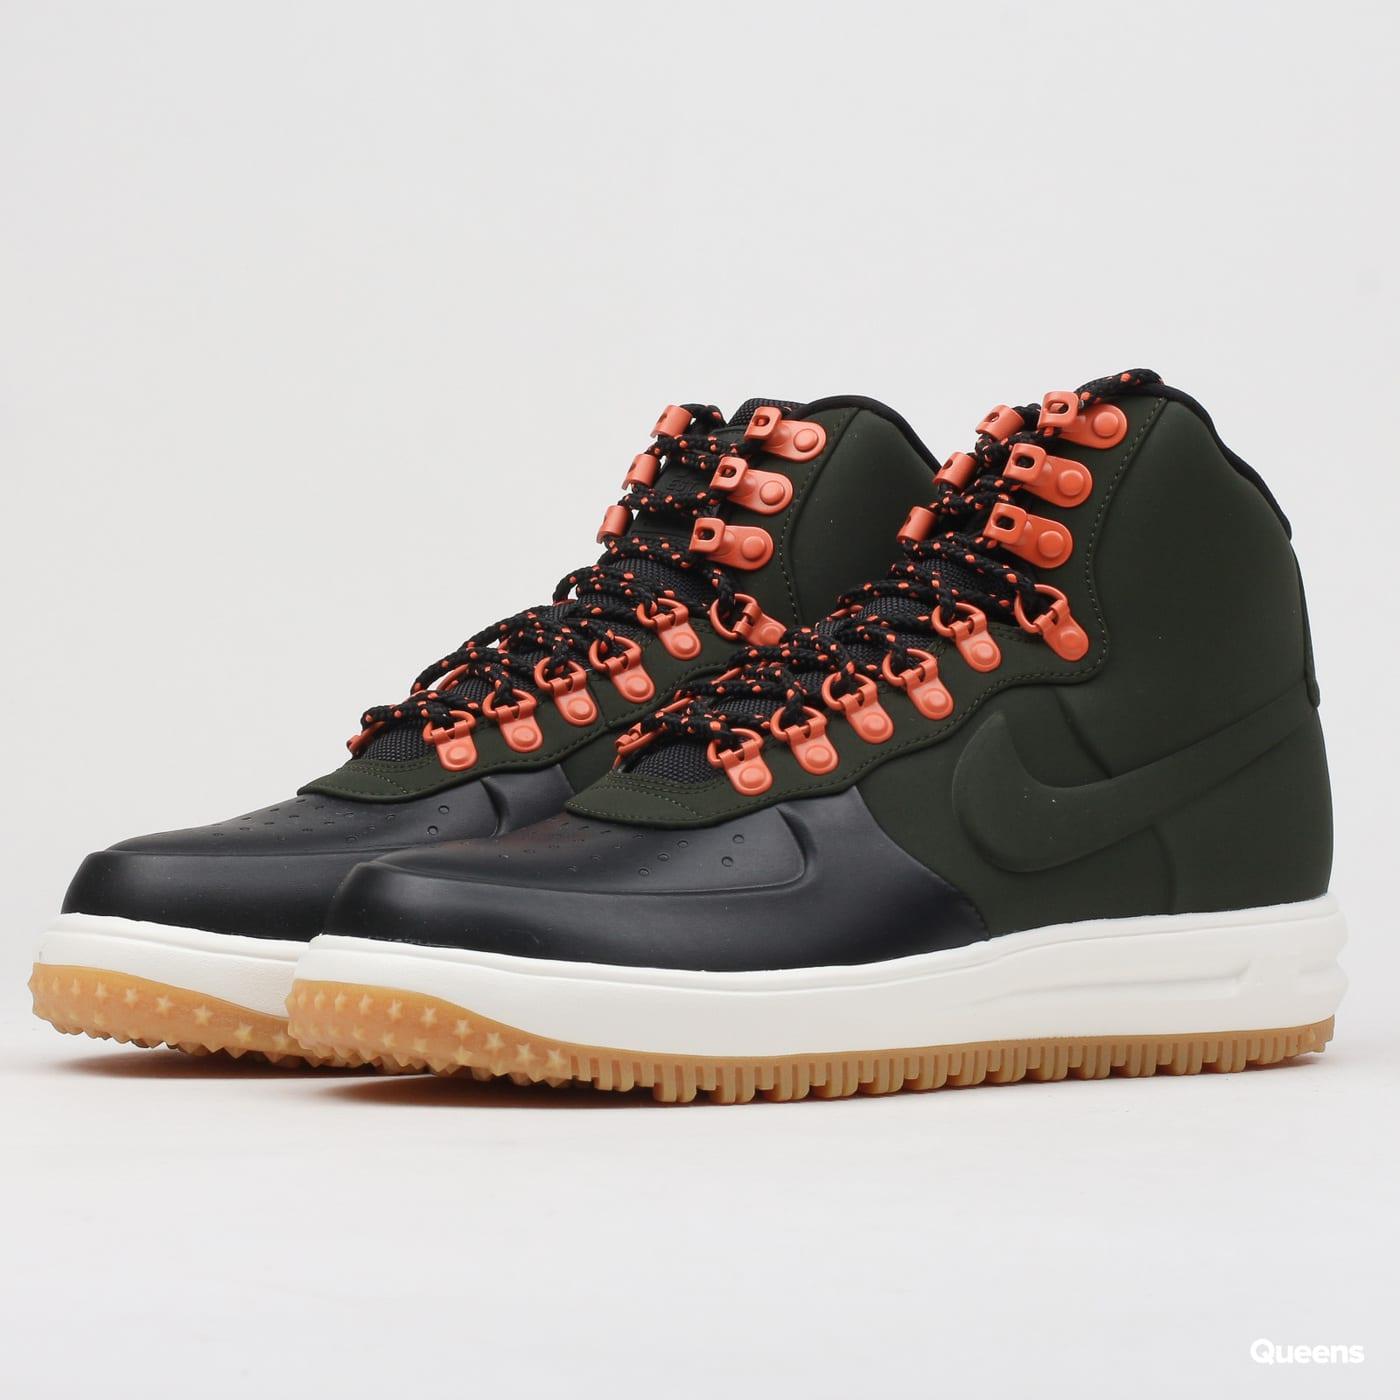 feff3286d2c Pánské zimní boty Nike Lunar Force 1 Duckboot  18 (BQ7930-004) – Queens 💚